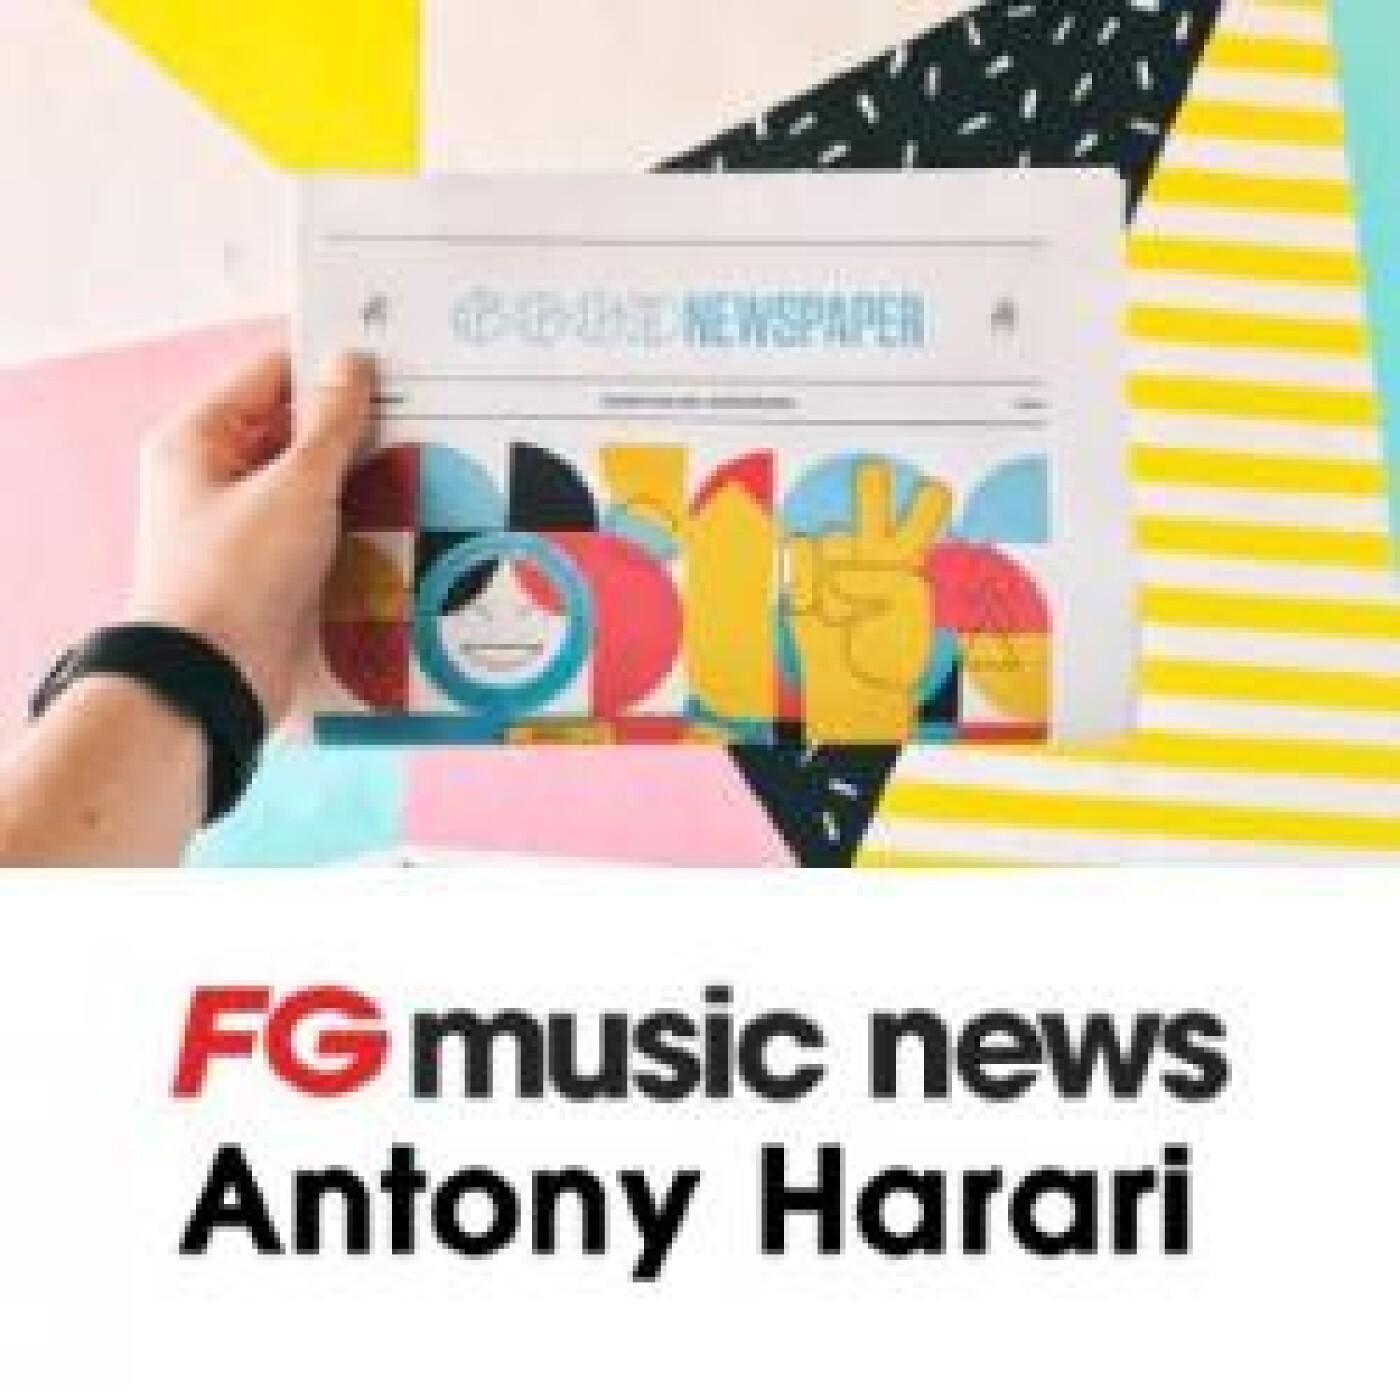 FG MUSIC NEWS : Camelphat remixe London Grammar